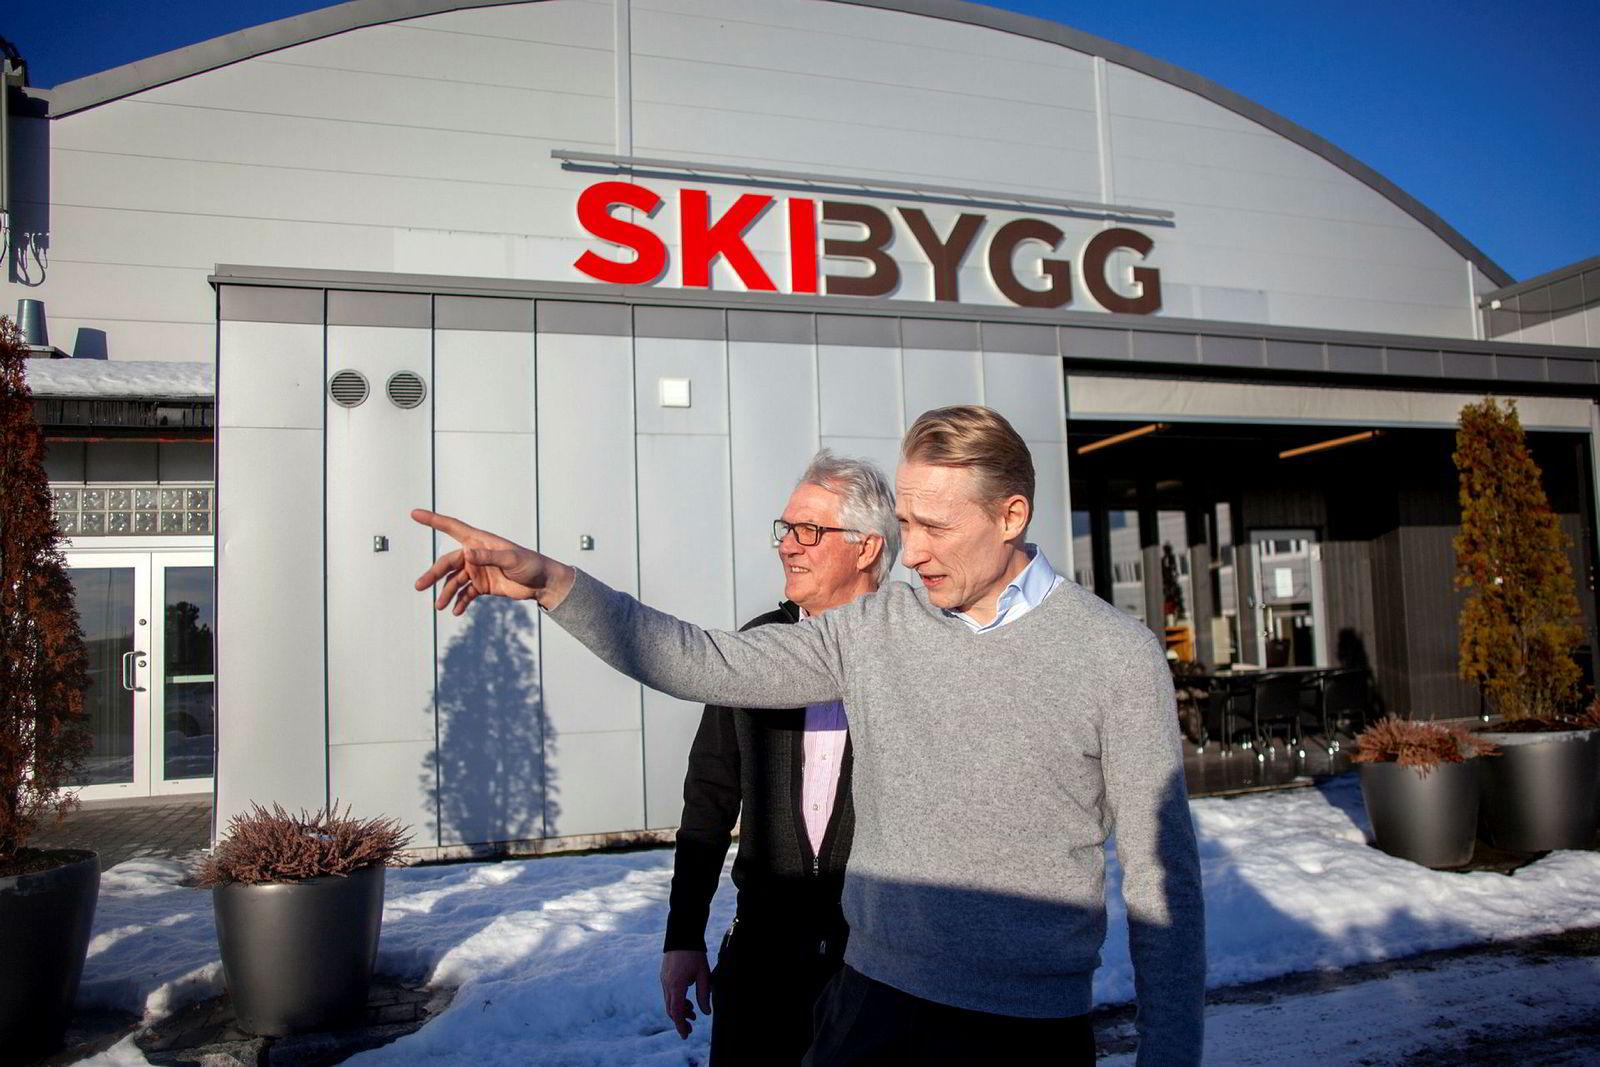 Vi har savnet en sterkere posisjon i denne regionen, sier konsernsjef Mikkel Sandvik i Mestergruppen til høyre. Ved hans side står administrerende direktør Ingar Norum i Ski Bygg.